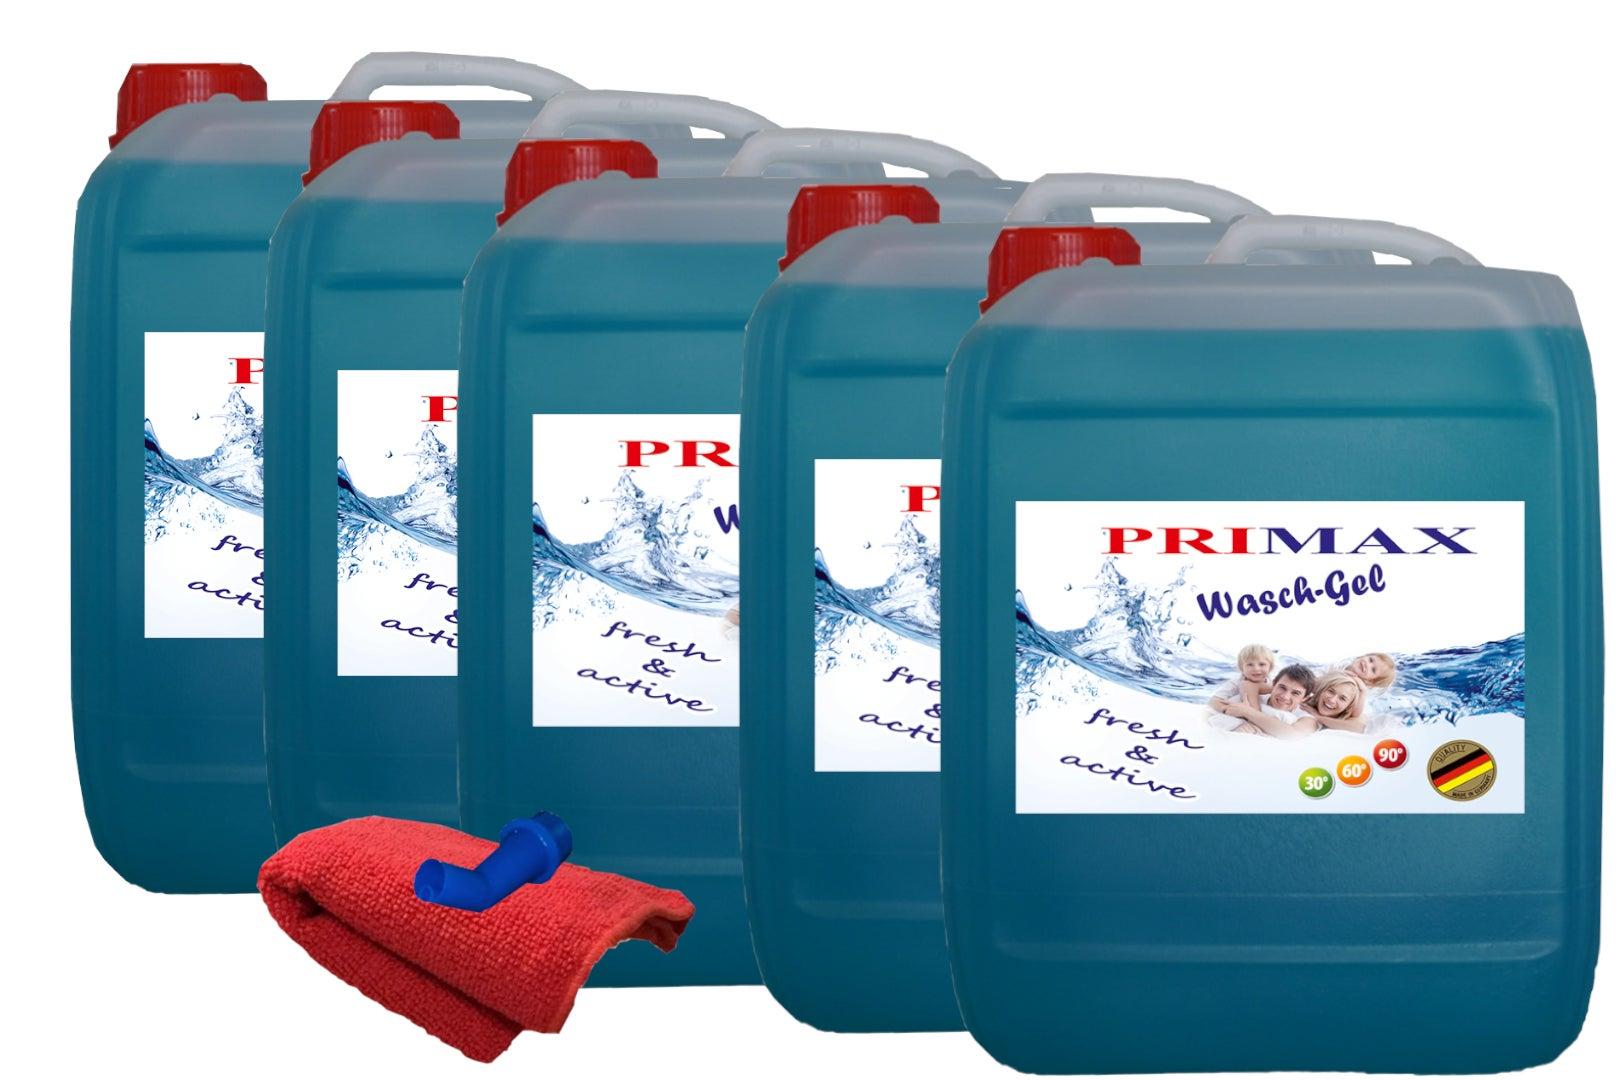 25 L Primax Flüssigwaschmittel blau Konzentrat Gel Waschpulver + Ausgießer +Microfasertuch